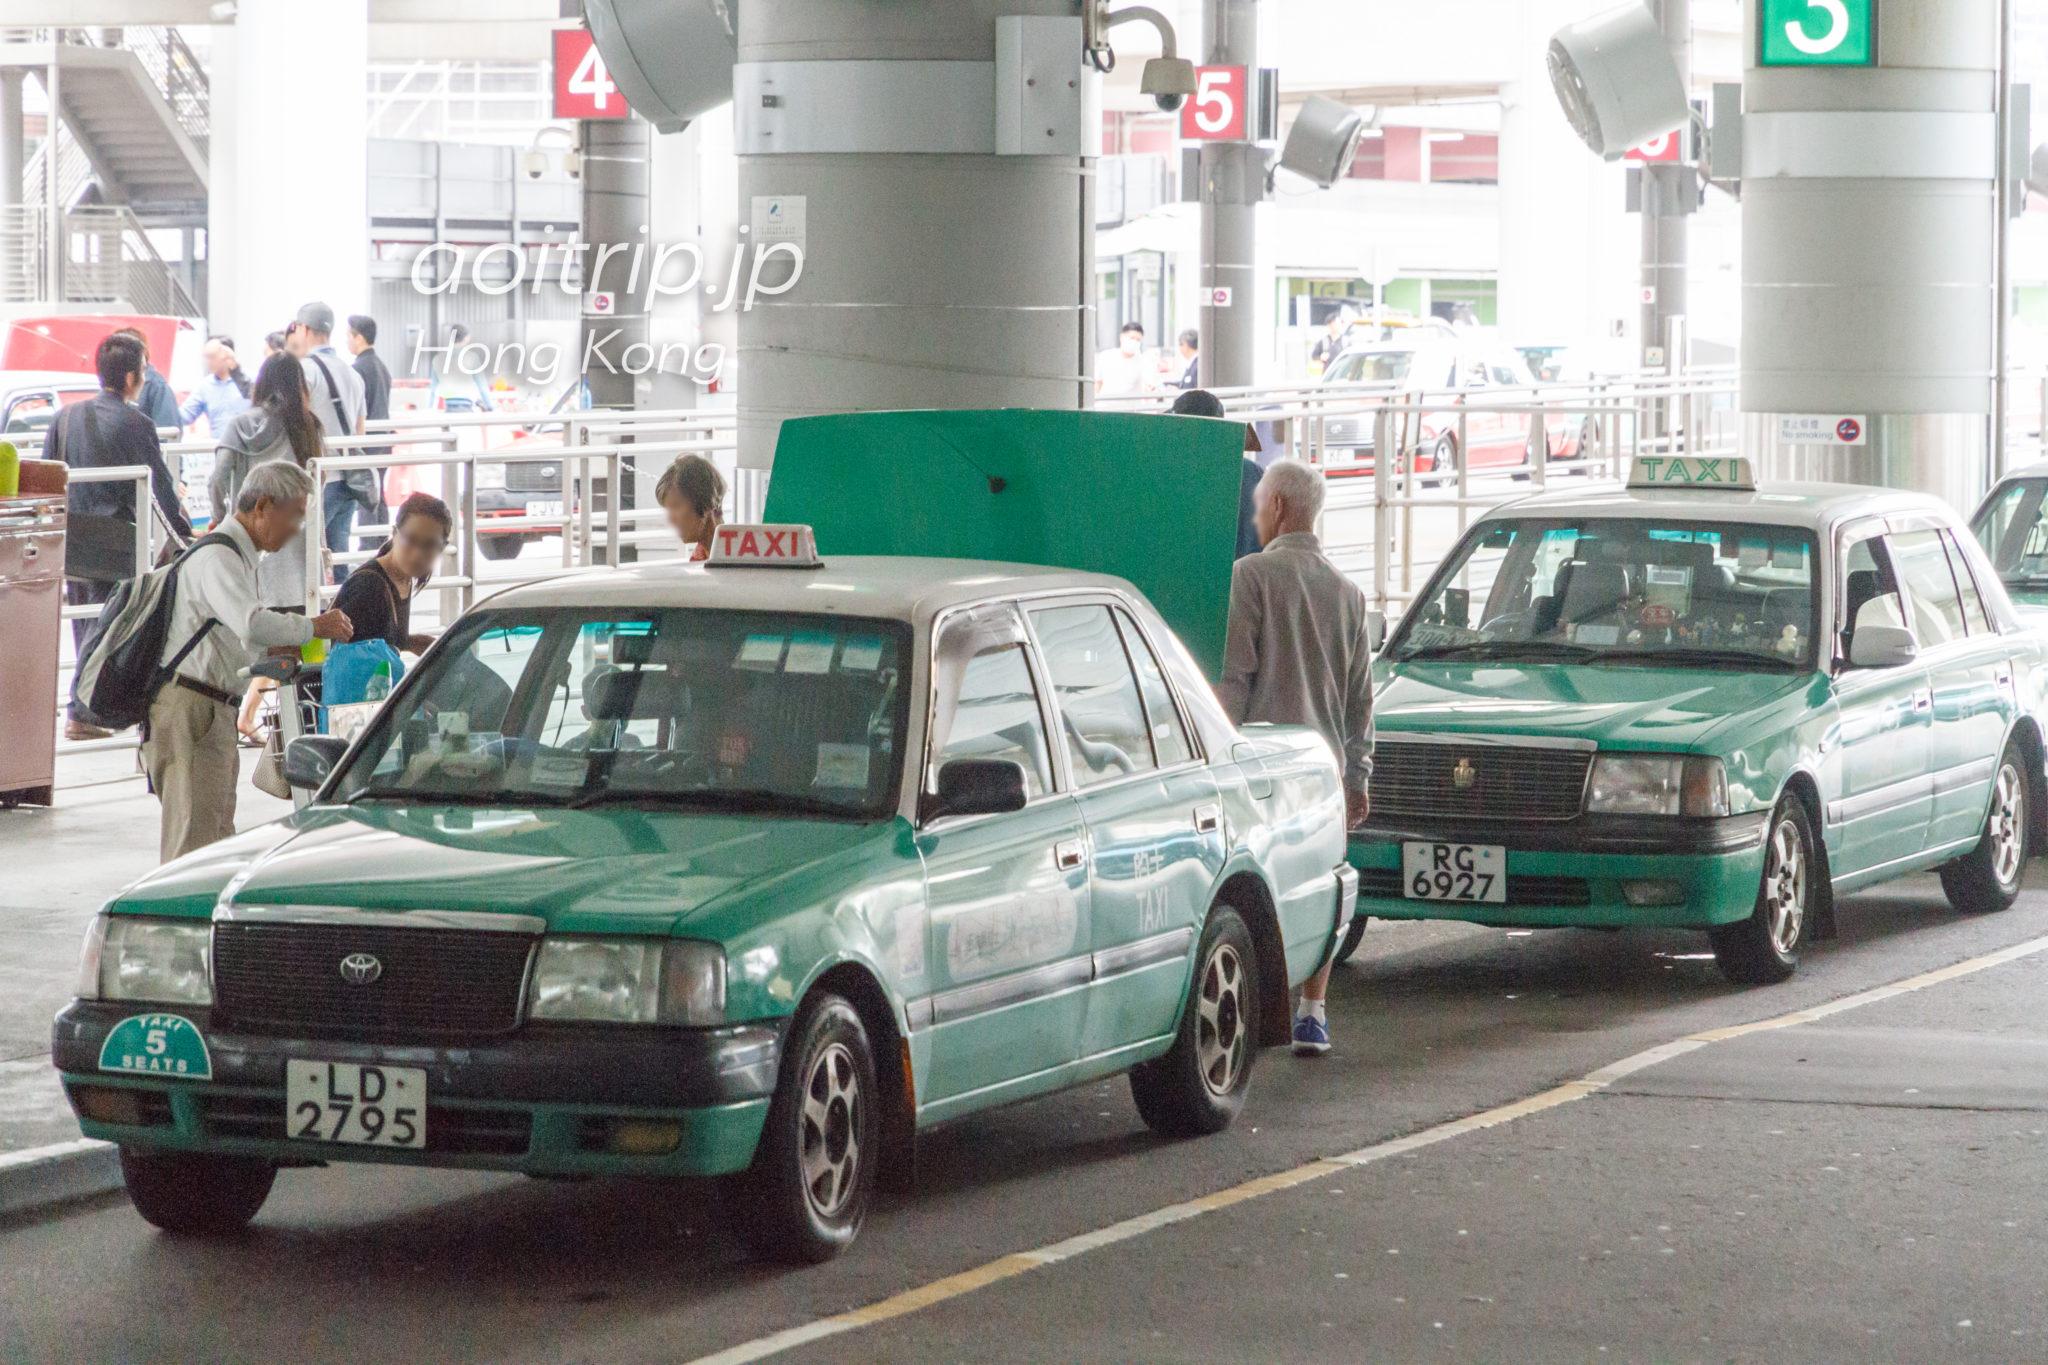 香港空港の新界的士(New Territory Taxi)